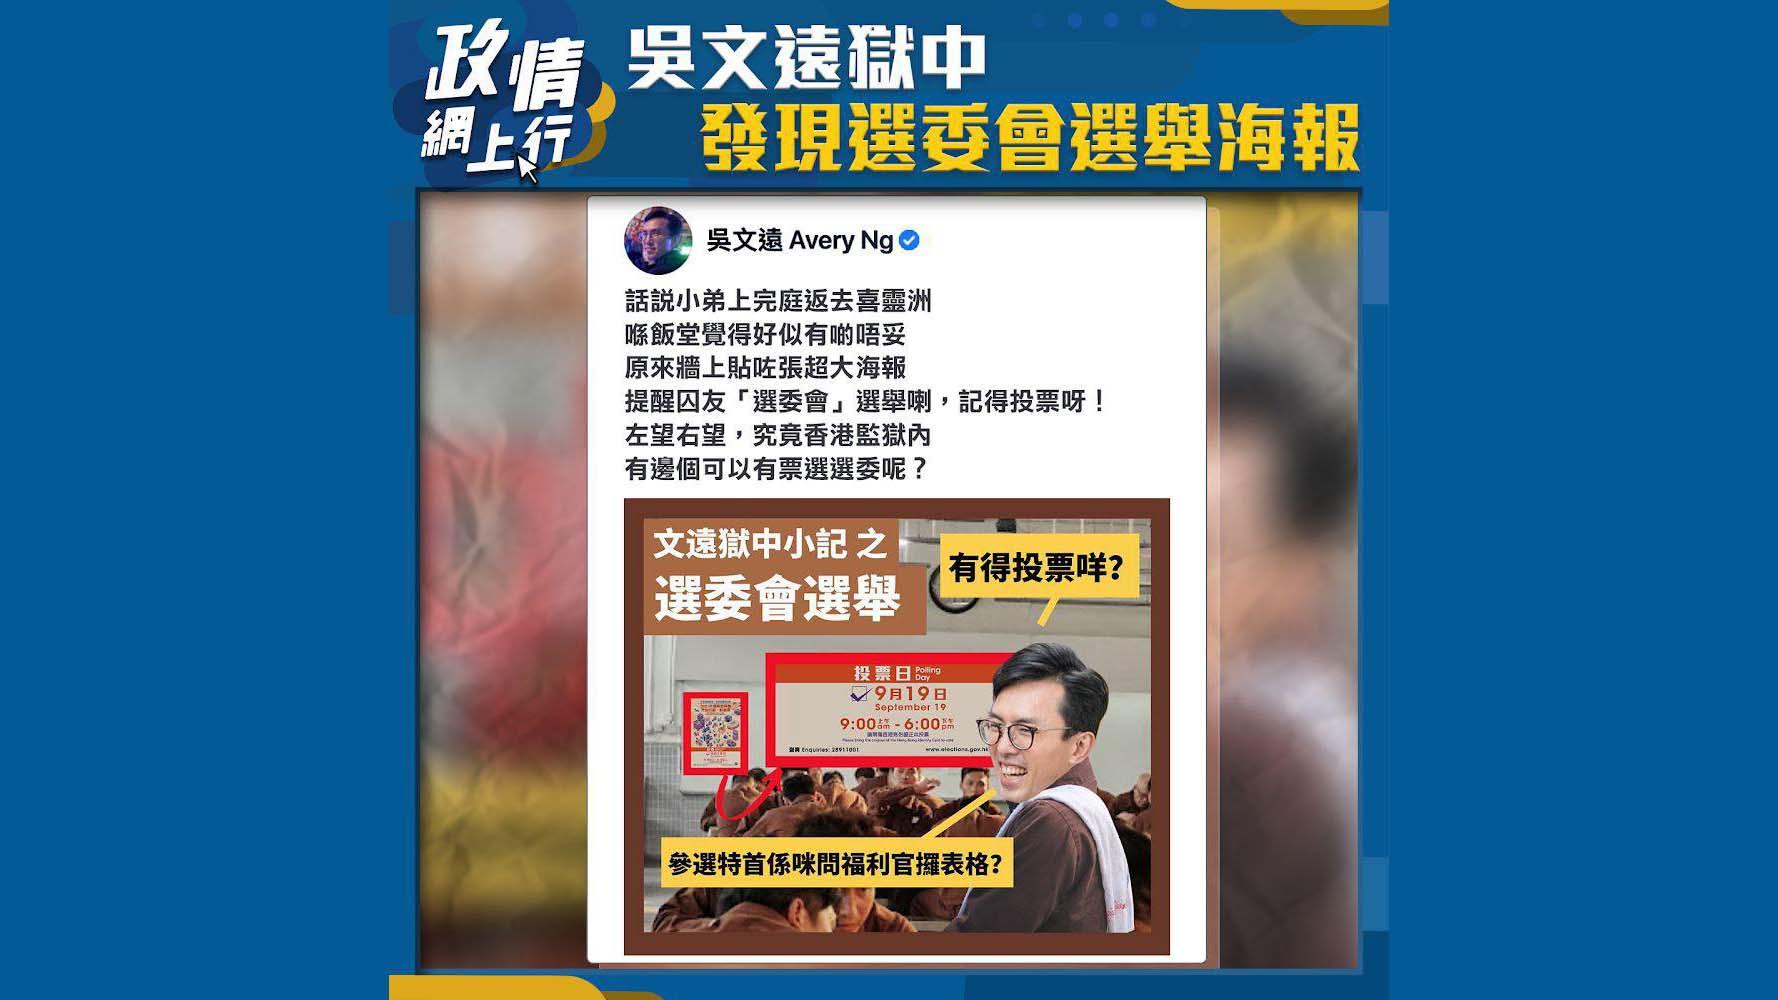 【政情網上行】吳文遠獄中發現選委會選舉海報